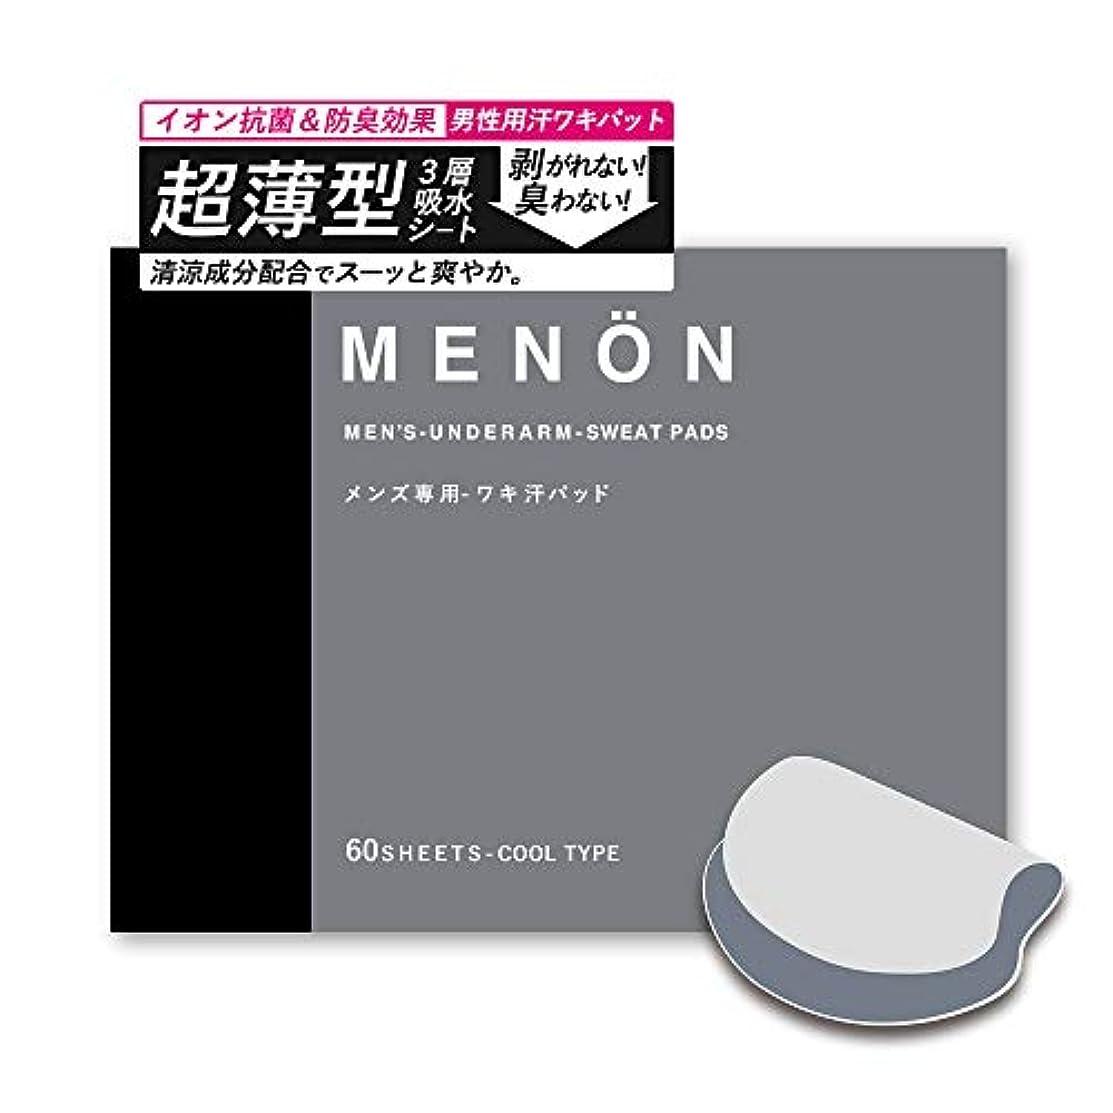 告白石灰岩主人MENON 安心の日本製 脇汗パッド メンズ 使い捨て 汗取りパッド 大容量60枚 (30セット) 清涼成分配合 脇汗 男性用 ボディケア 汗ジミ?臭い予防に パッド シール メノン